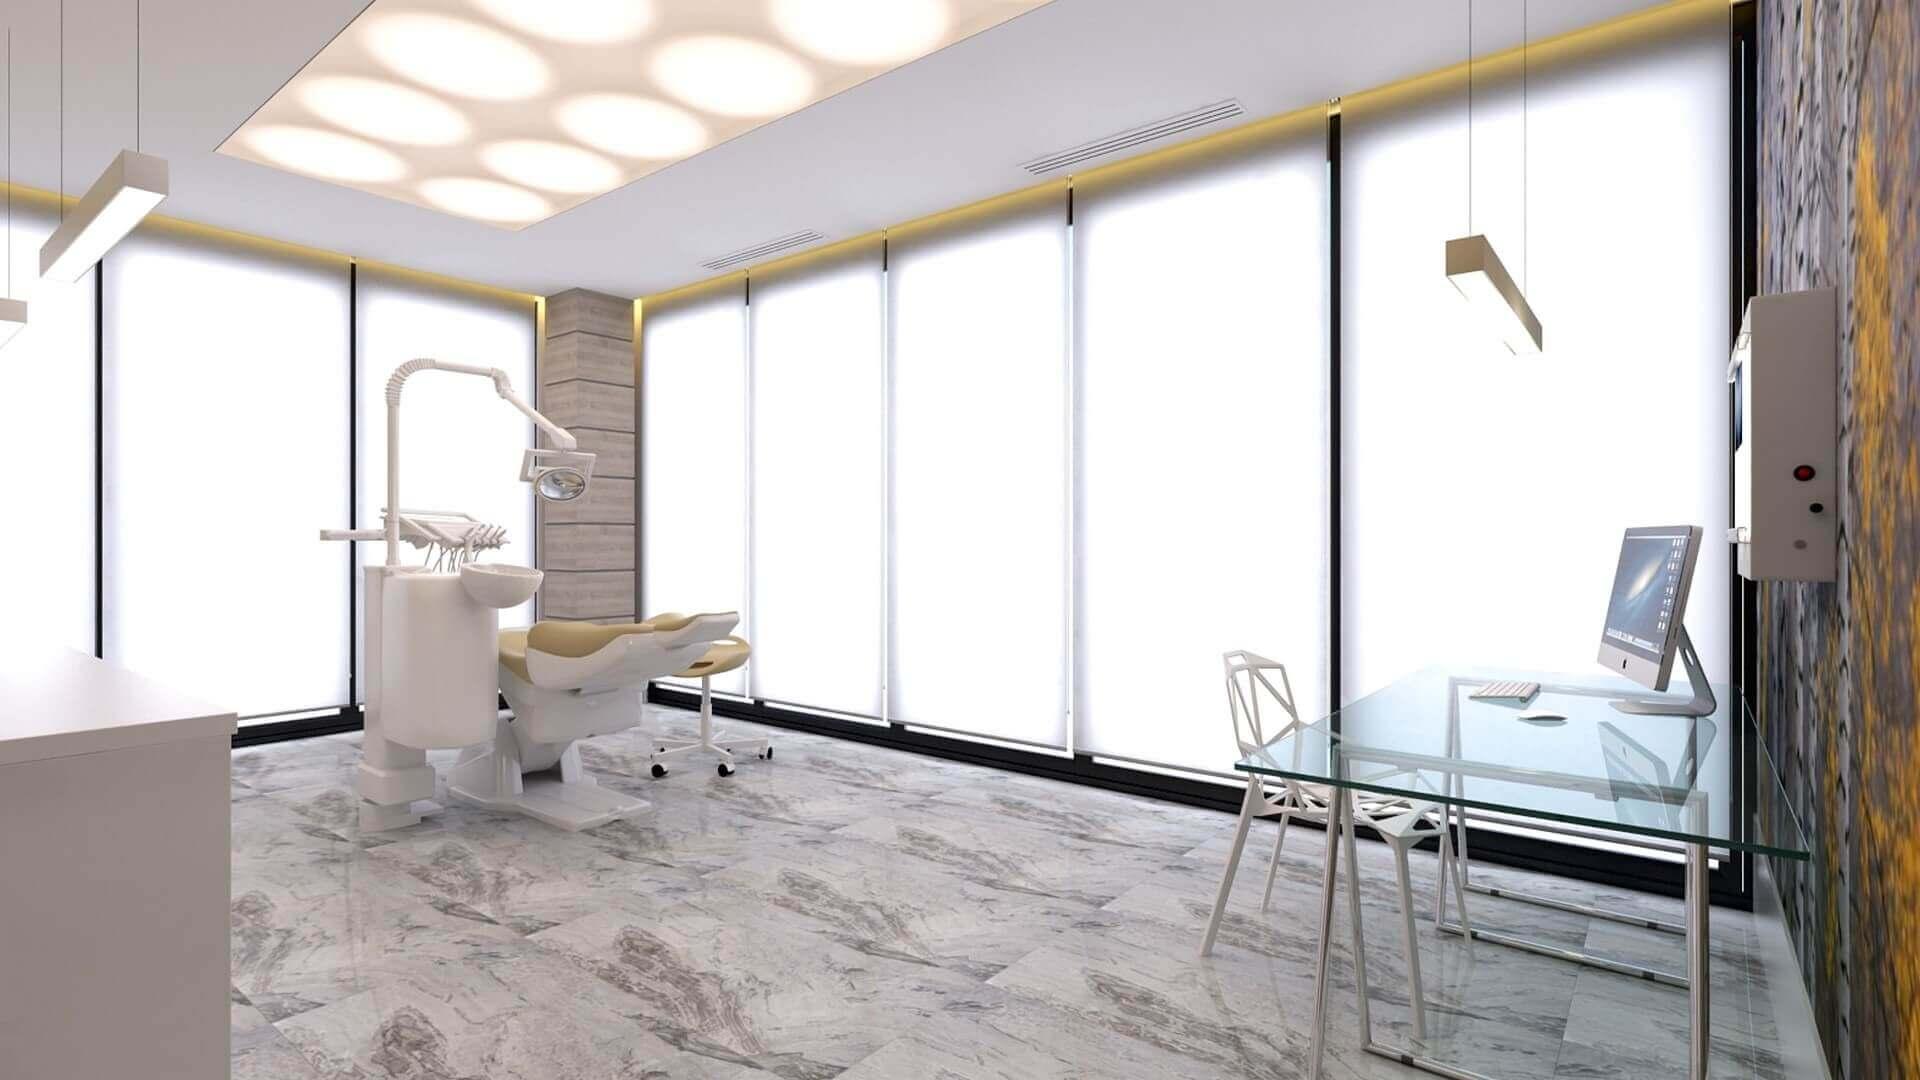 ofis içmimari 2565 Denthouse - Diş kliniği Ofisler